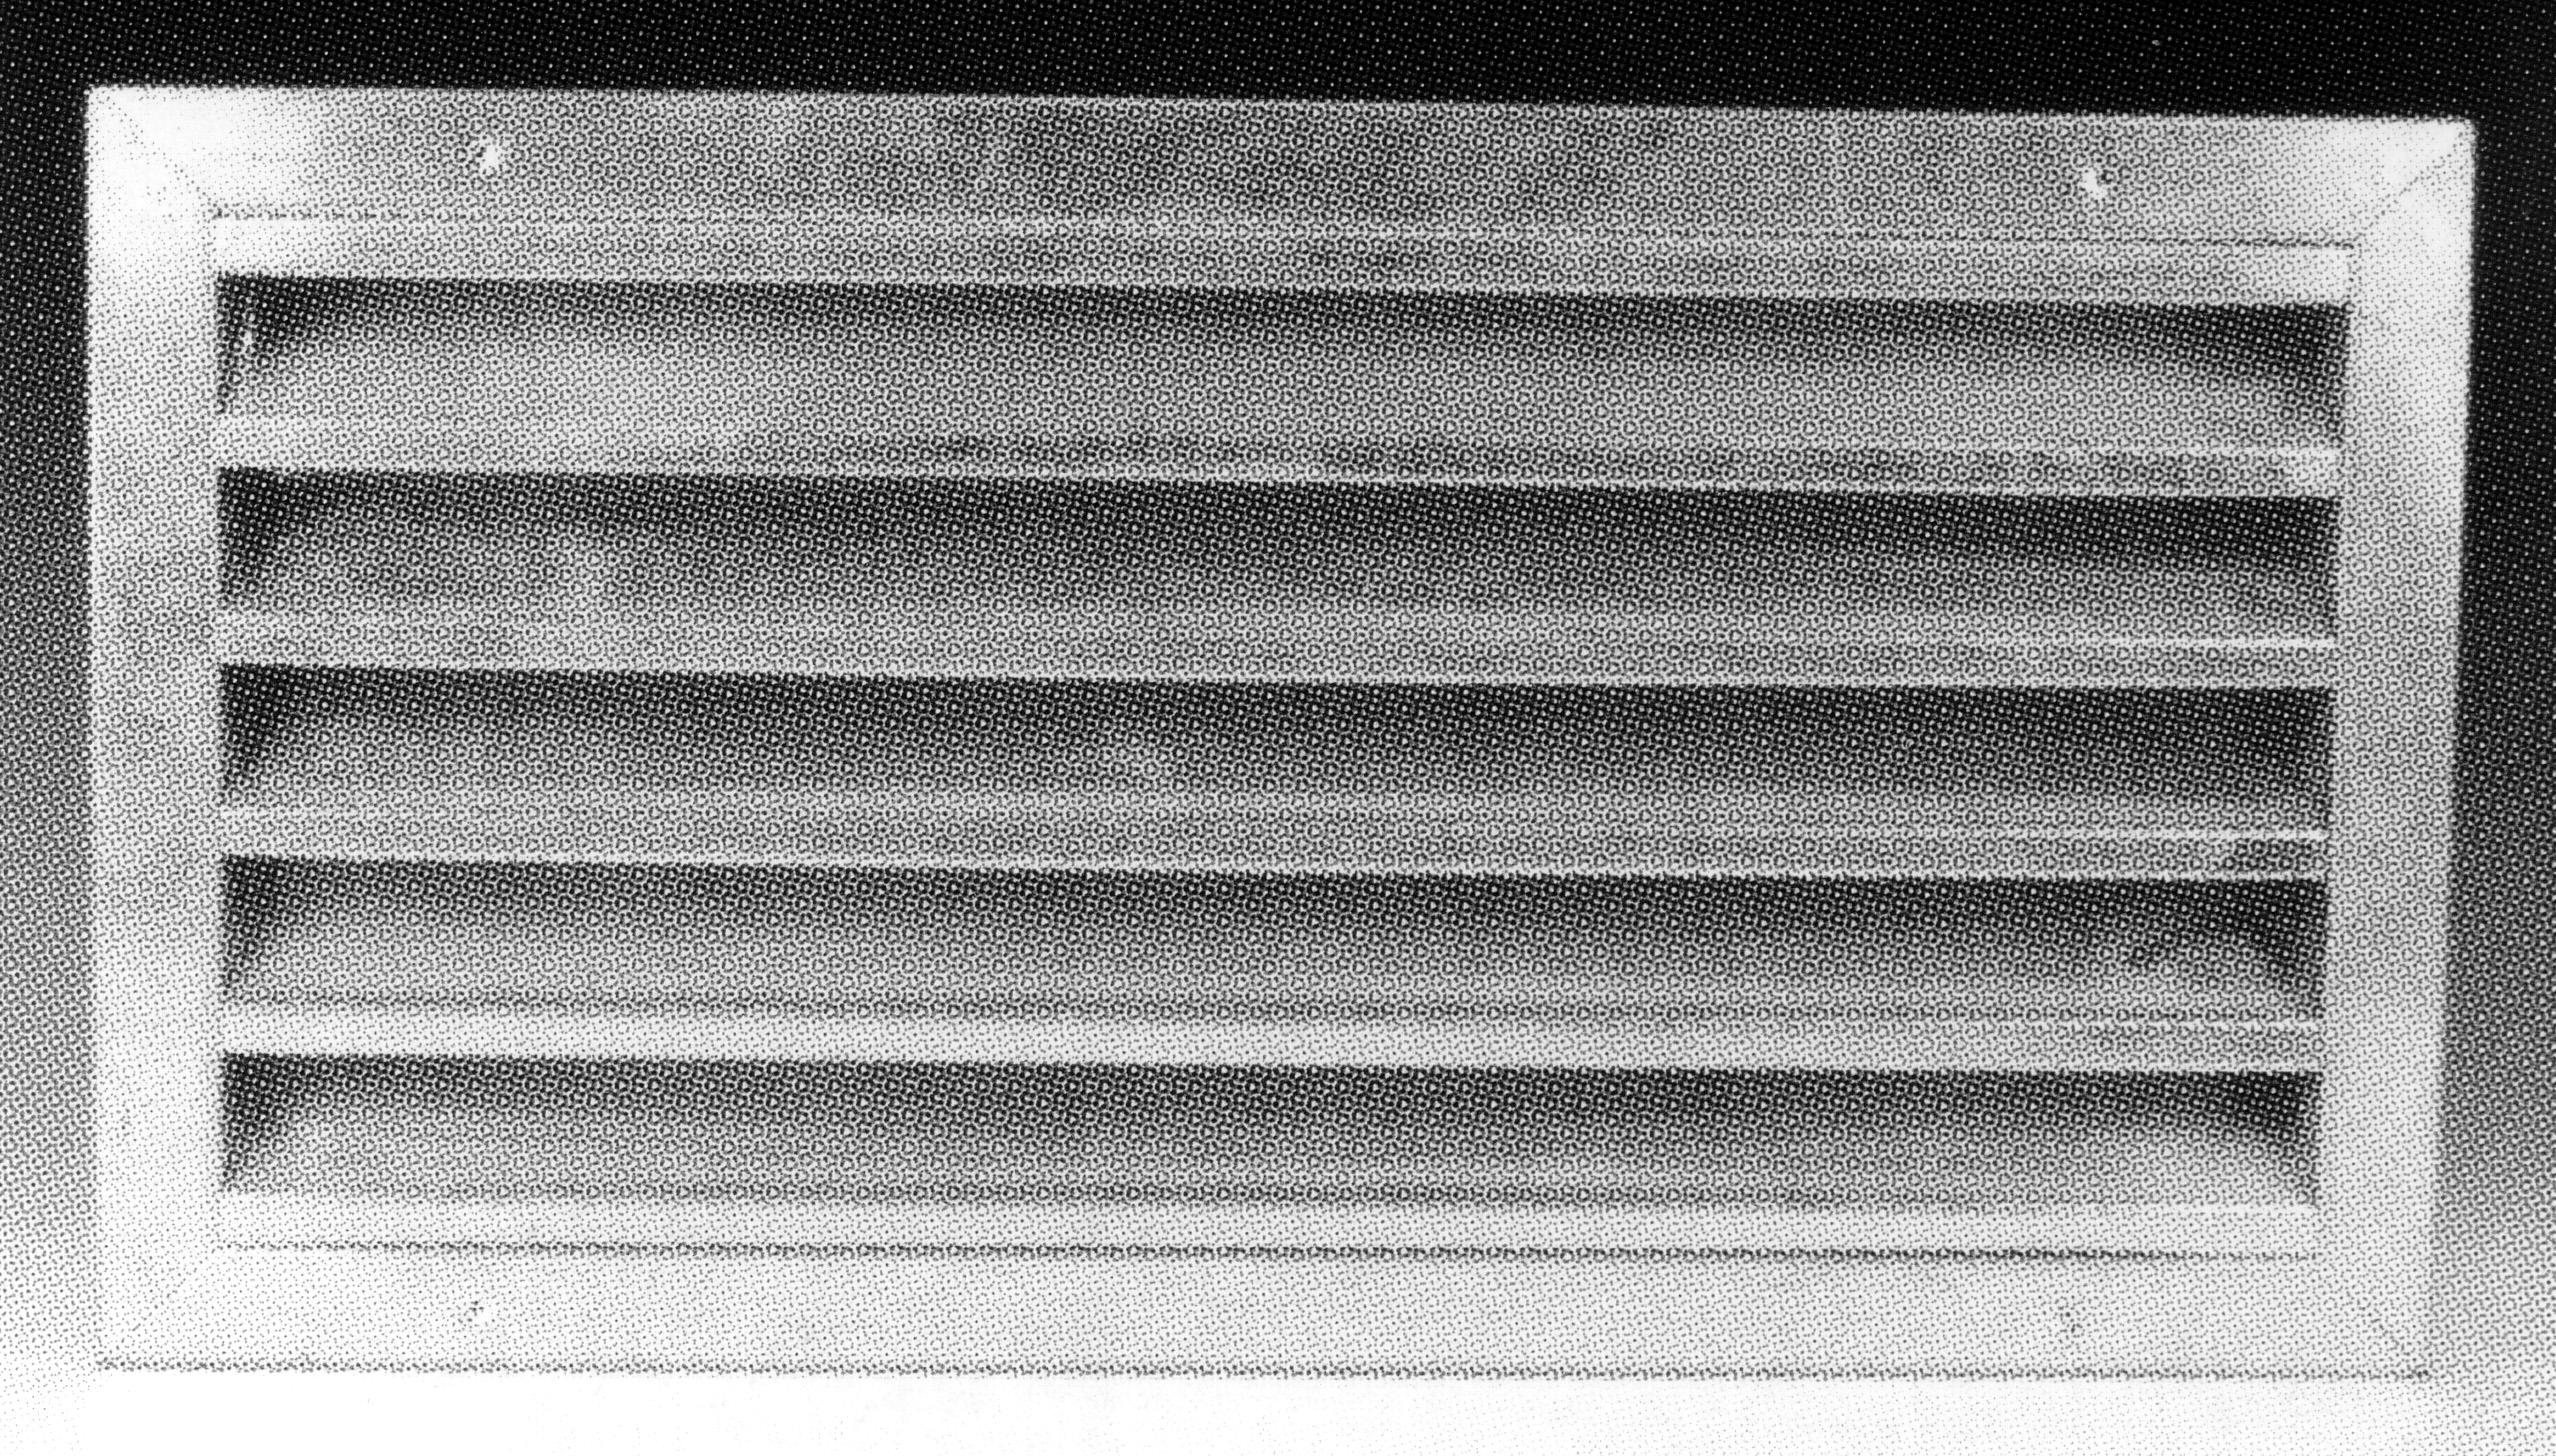 Griglia presa aria esterna in acciaio zincato con rete passo 50 dimensione 1000x1000 mm